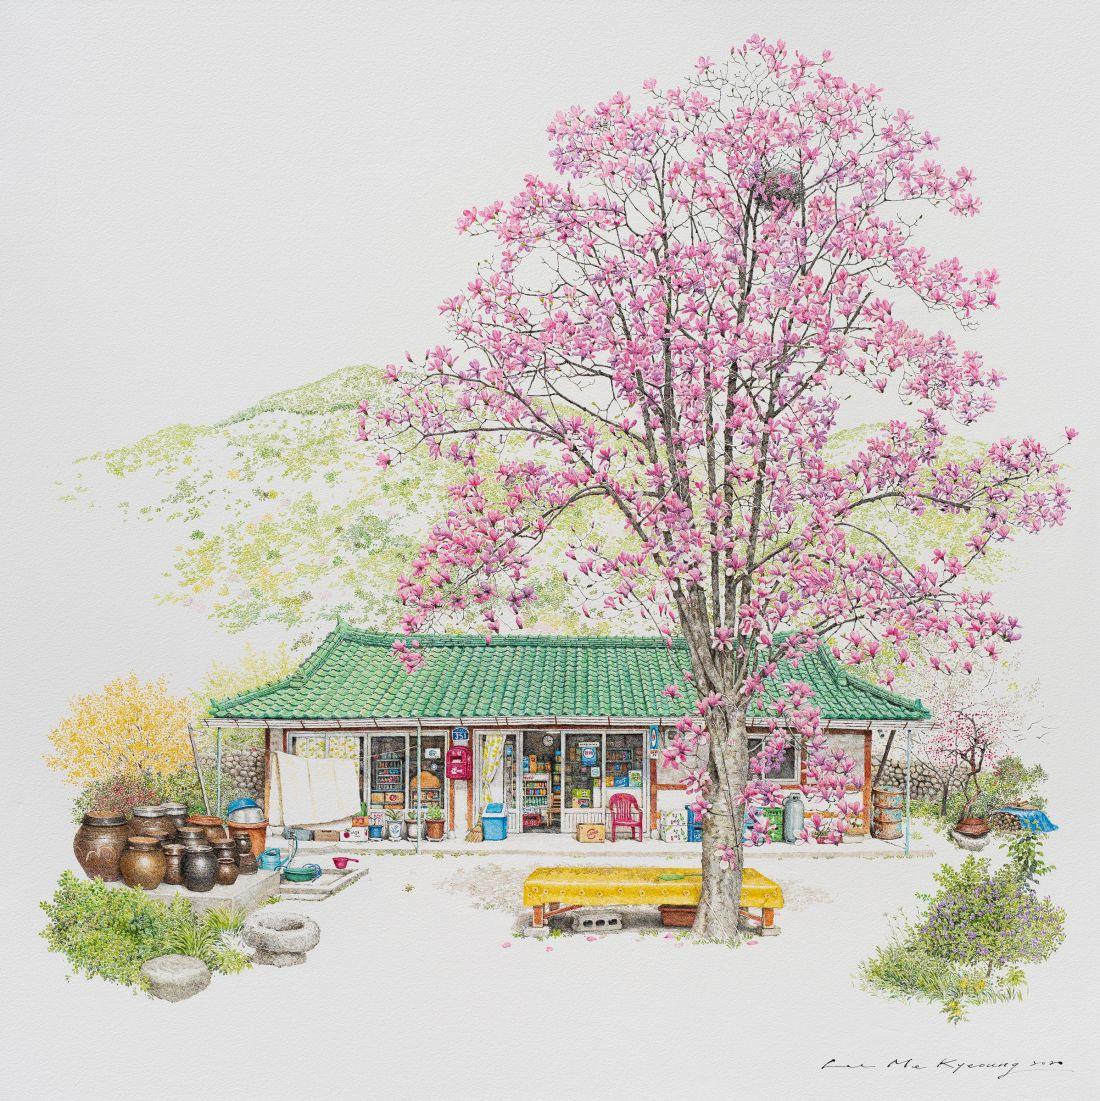 Spring at Toji, 2020 © Me Kyeoung Lee